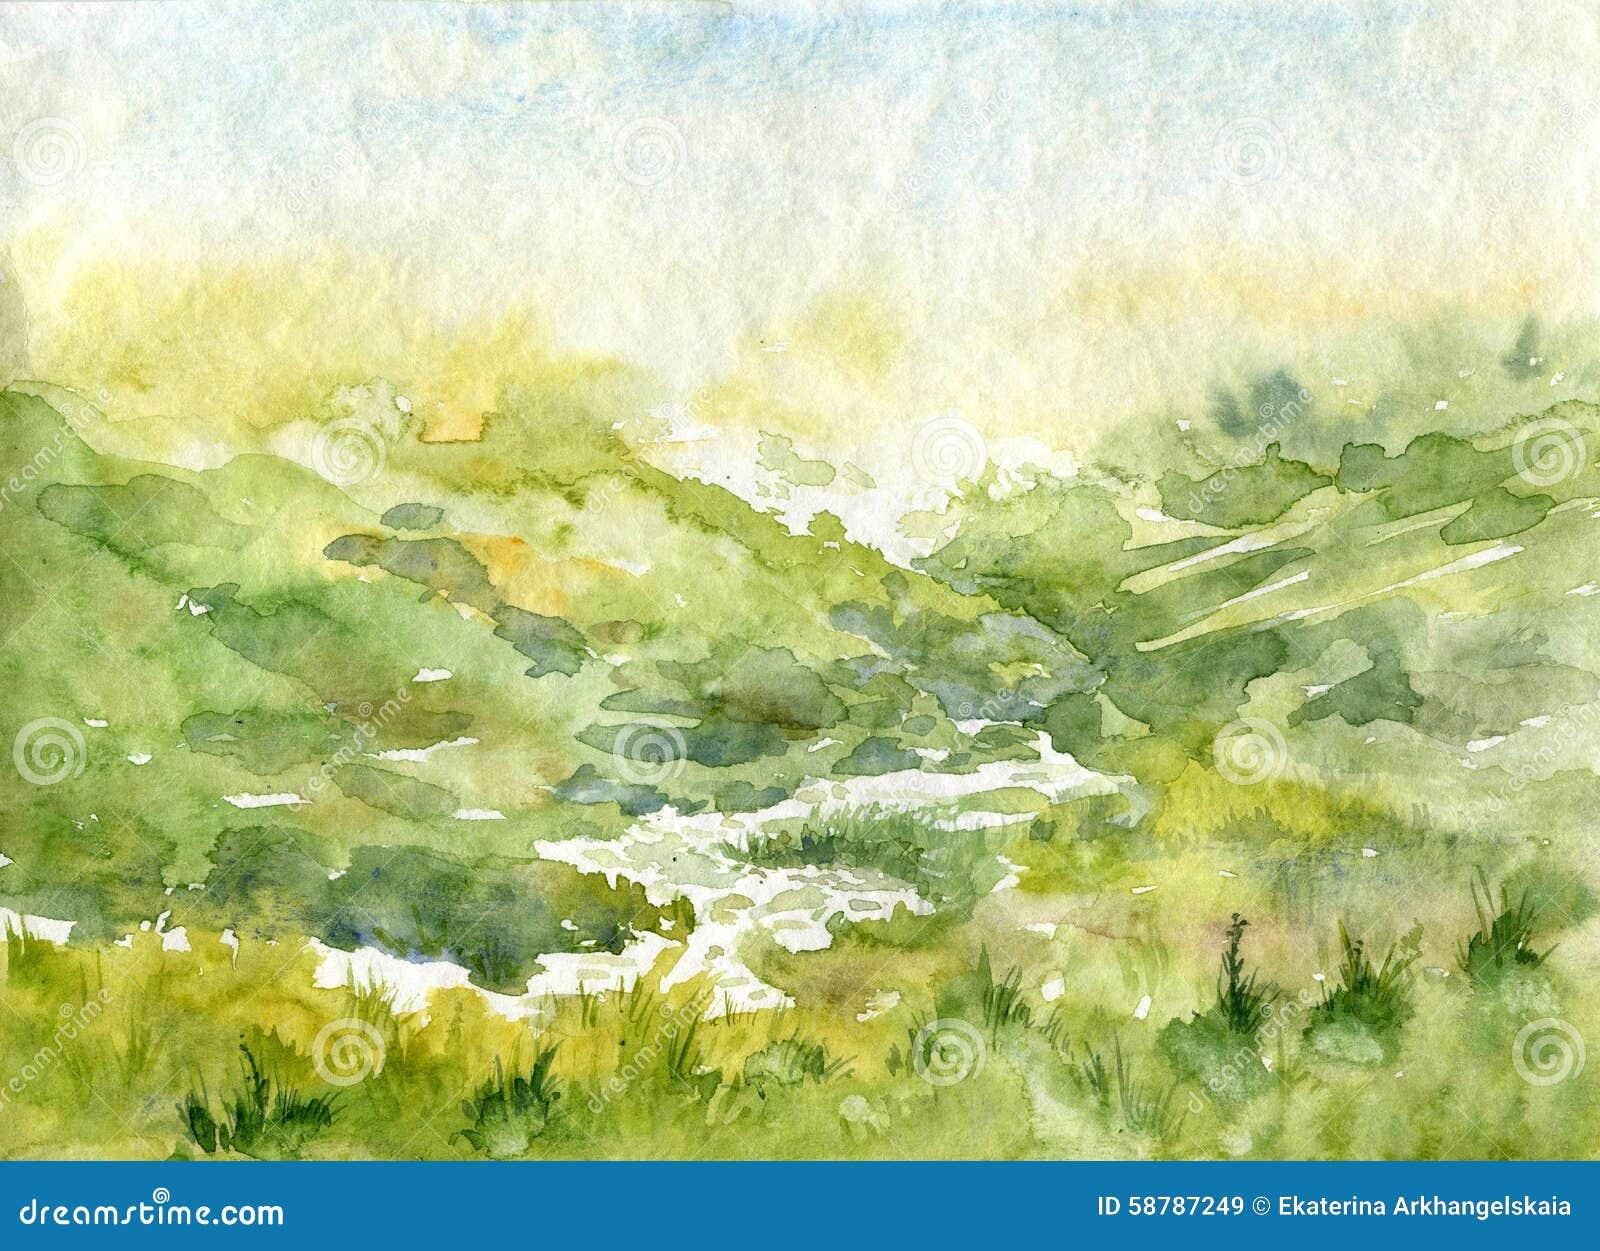 description mountain river natural - photo #14